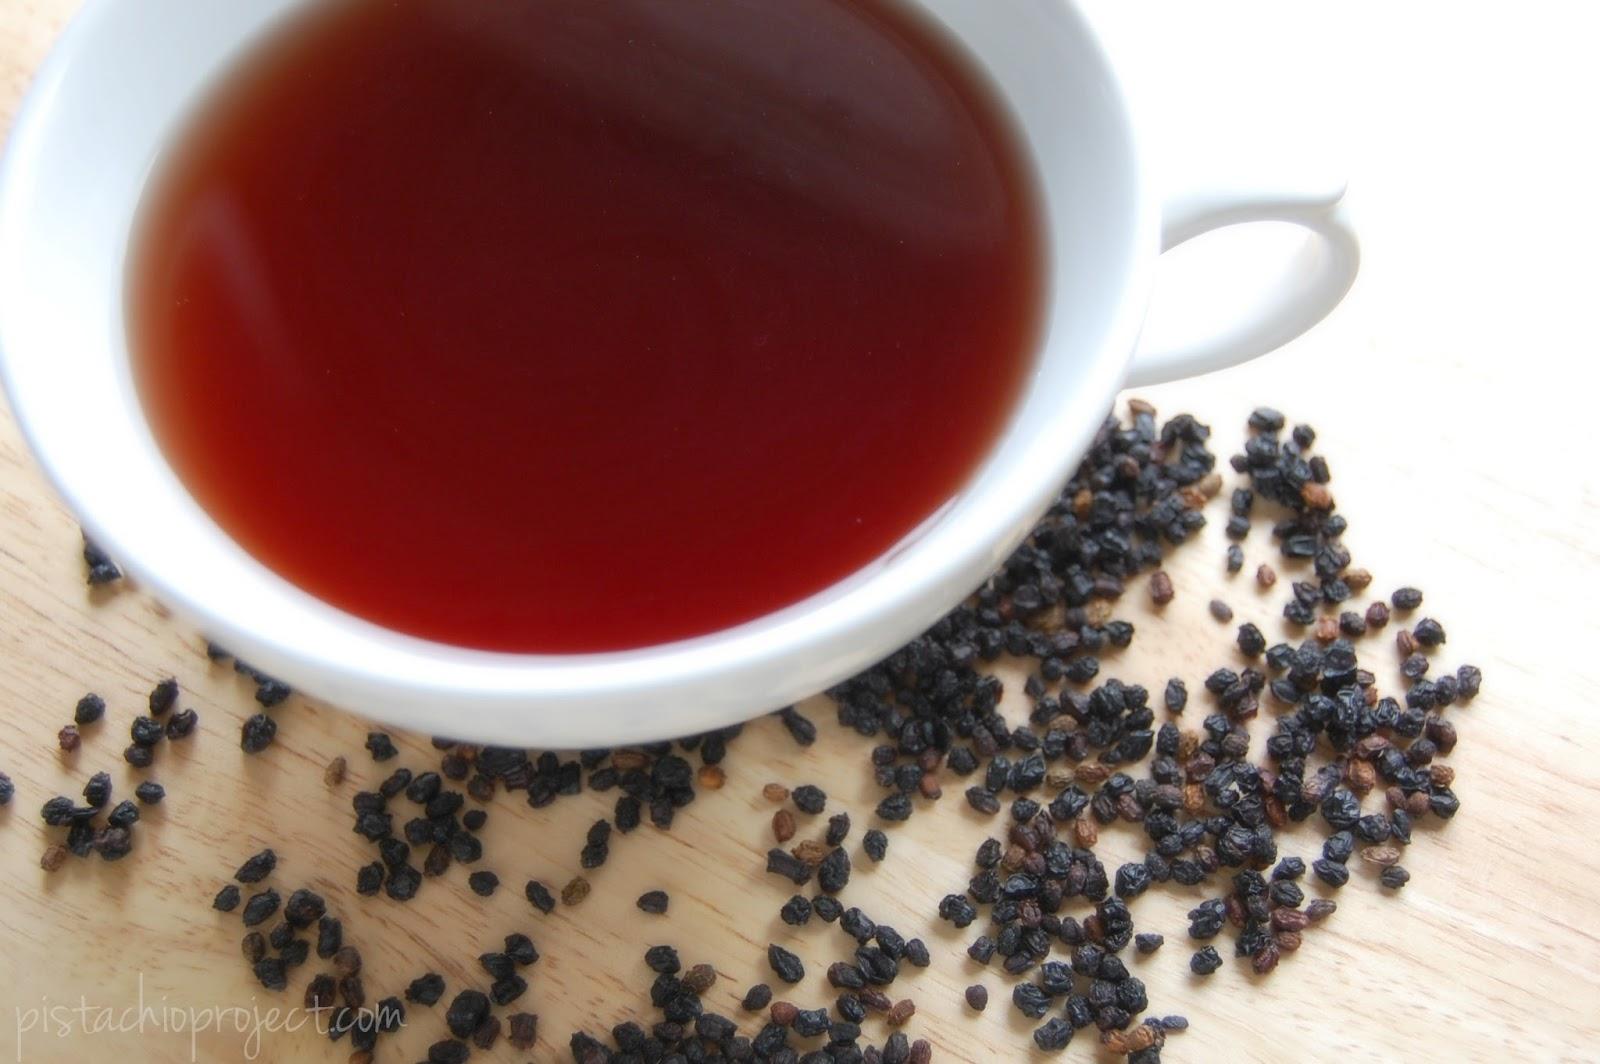 The Pistachio Project: Reusing Elderberries to Make Elderberry Tea